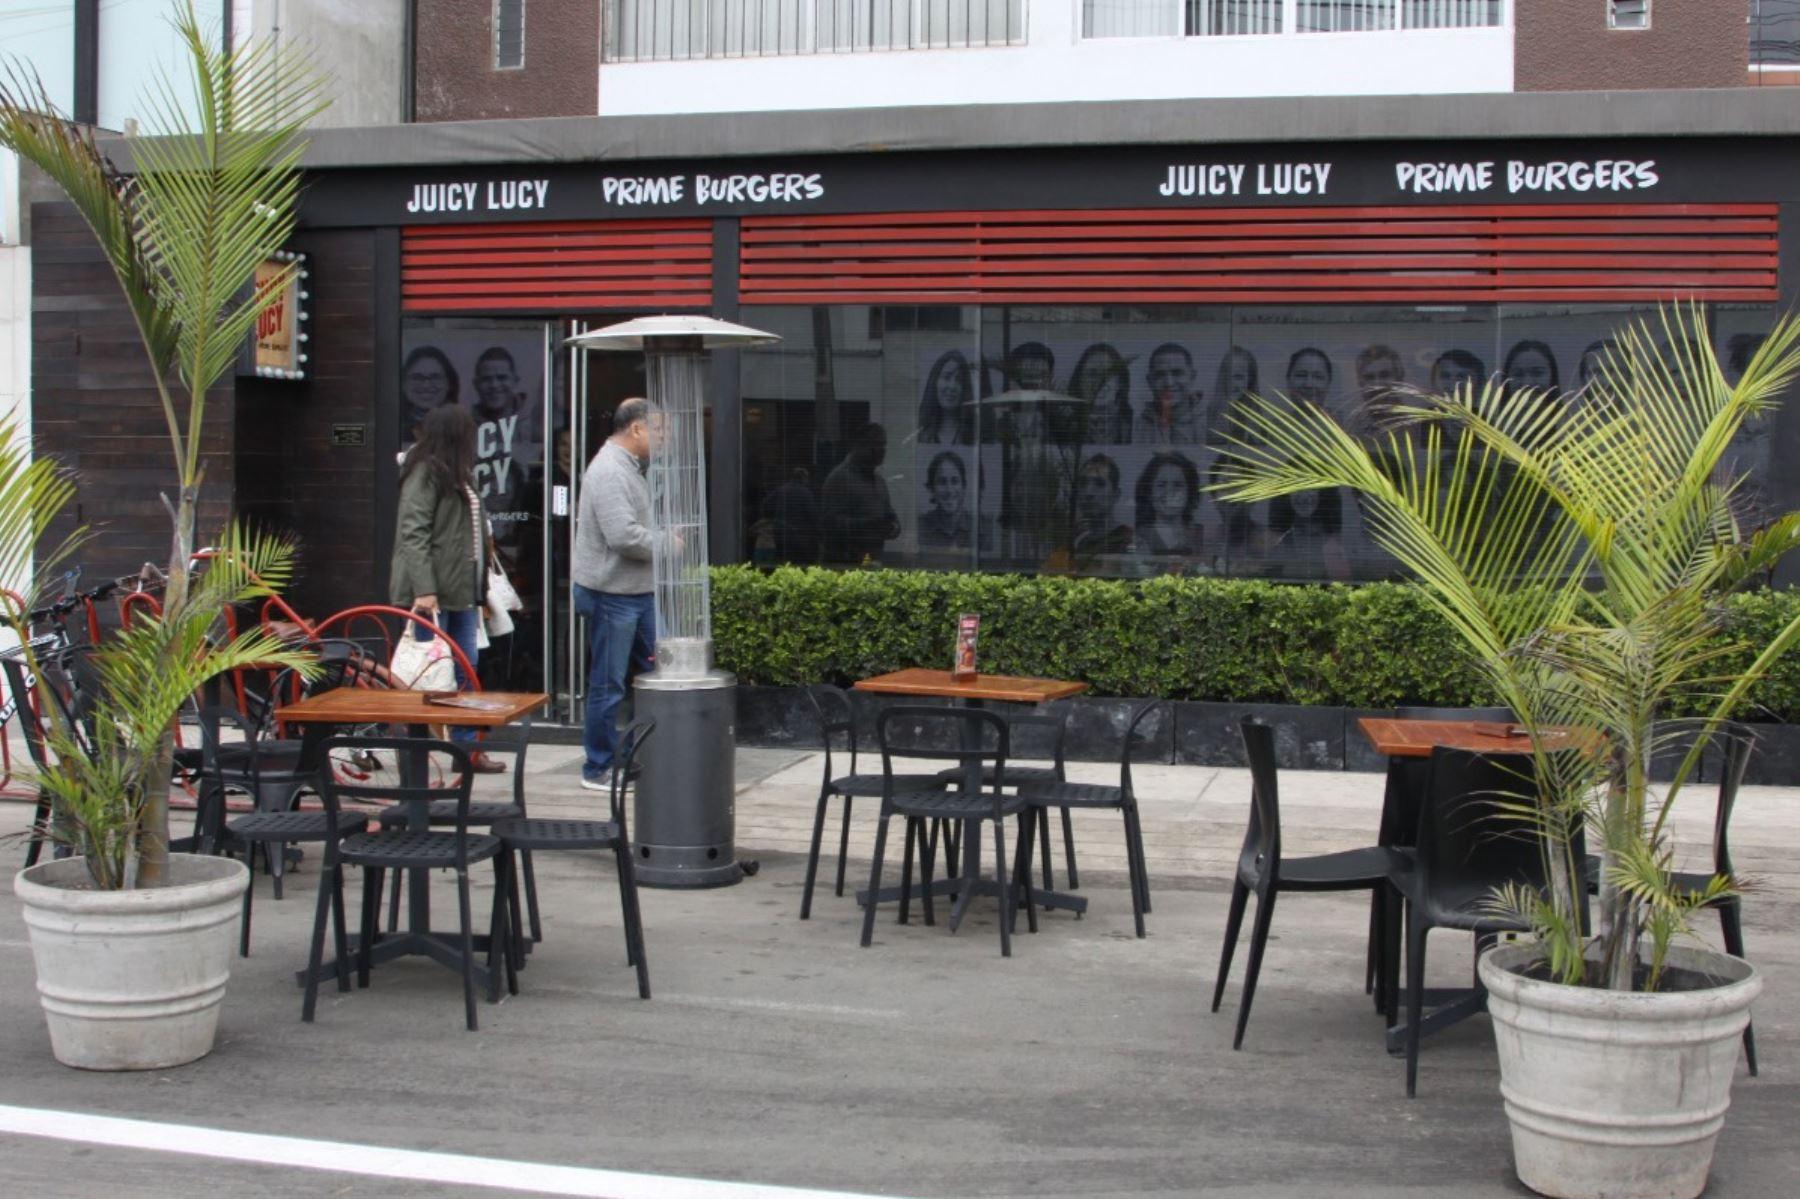 La Municipalidad de Miraflores y y el sector gastronómico piden la revisión de los horarios de atención al público, incluyendo horarios nocturnos. Foto: ANDINA/Andina